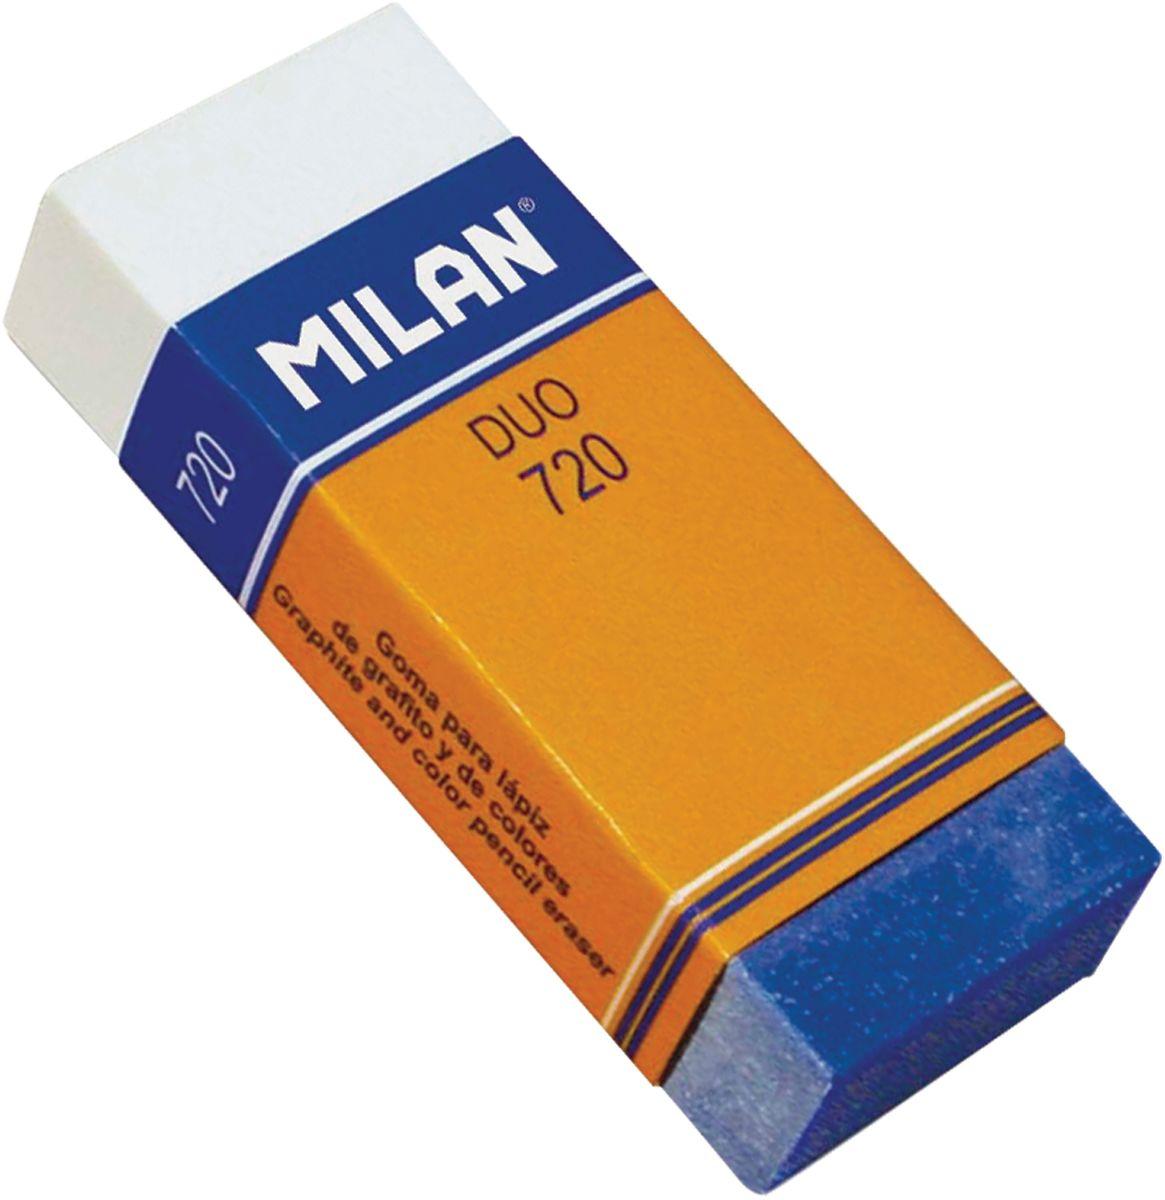 Milan Ластик Duo 720 прямоугольныйFS-54103Ластик Milan Duo 720 - это высокоэффективный синтетический ластик нового поколения для работы с любыми видами графита и пигментов. Яркое дизайнерское решение подсказано функциональными особенностями полимерных добавок, повышающих абсорбирующие свойства и гарантирующих бережное отношение к структуре бумаги.